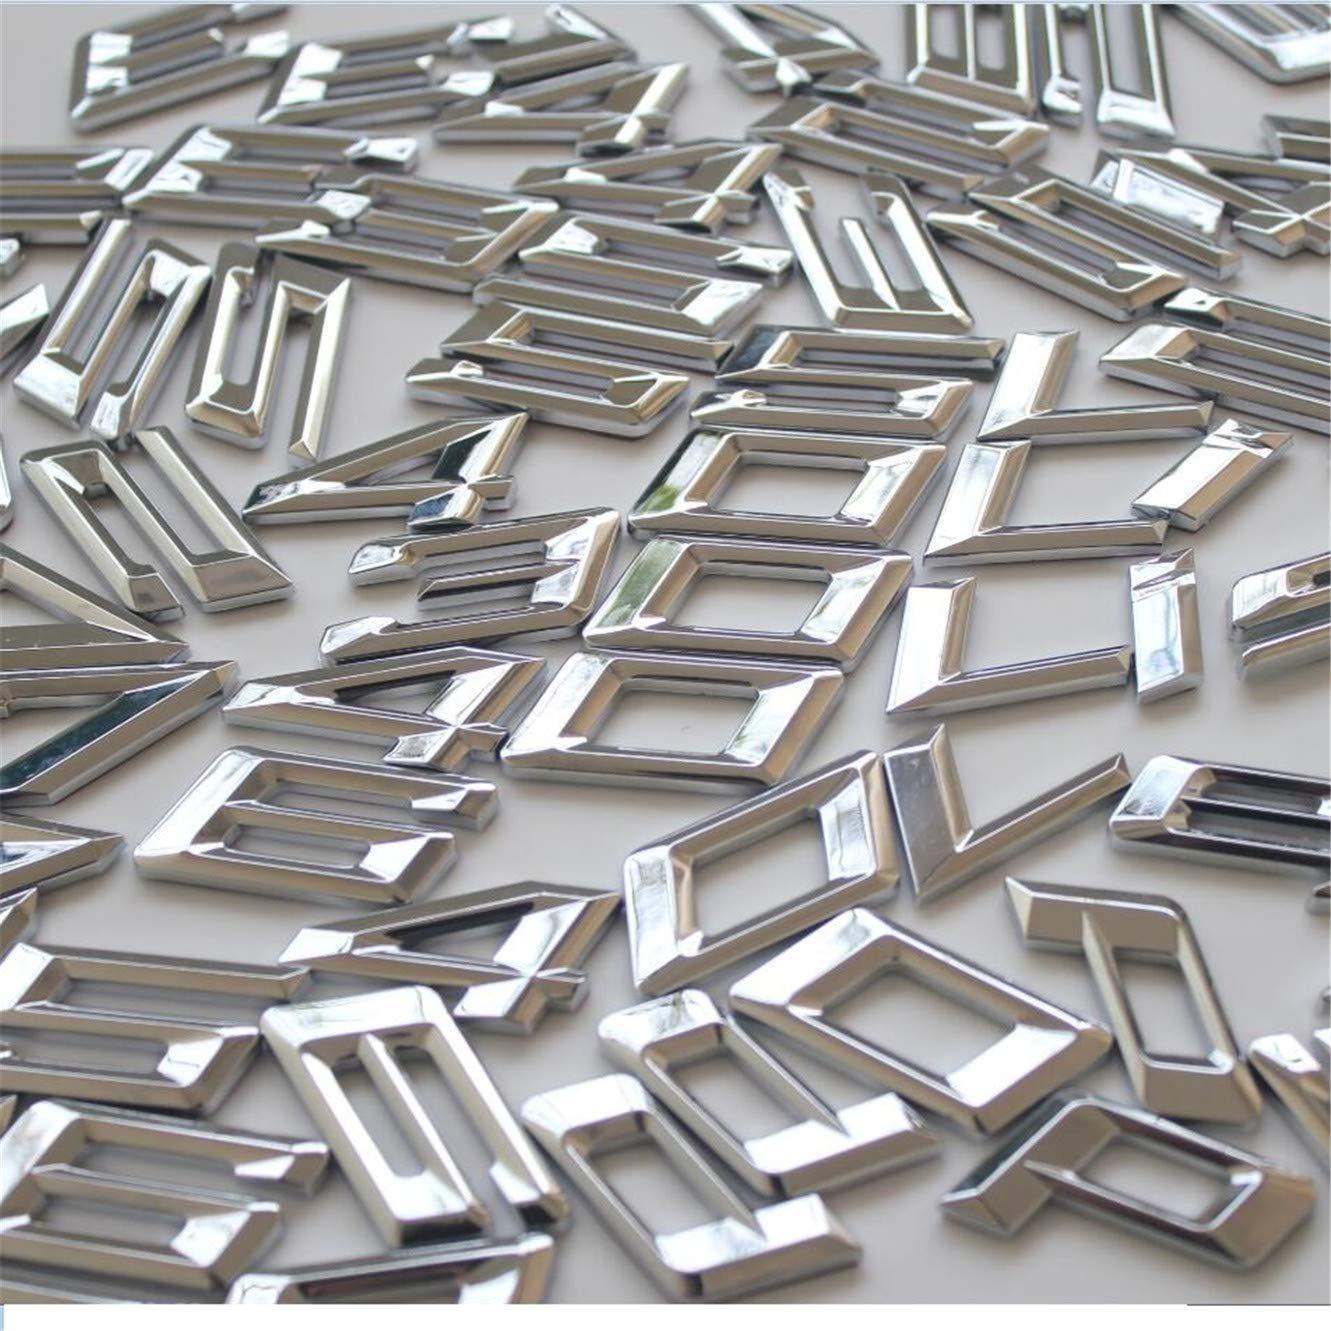 Chrome Letras Tronco Emblema Emblemas Distintivos y S/ímbolos G30 G31 520i 528i 530i 540i 550i 525d 528d 530d 520d 550d 540d XDrive 520d